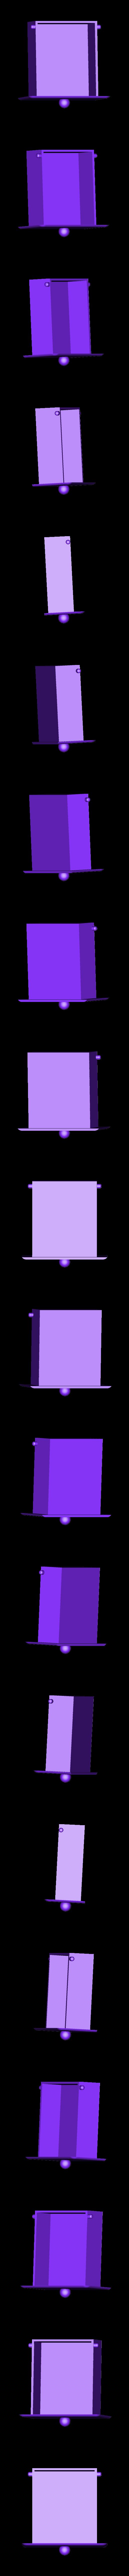 DrawerInside.stl Télécharger fichier STL gratuit Tiroir • Plan pour imprimante 3D, Digitang3D